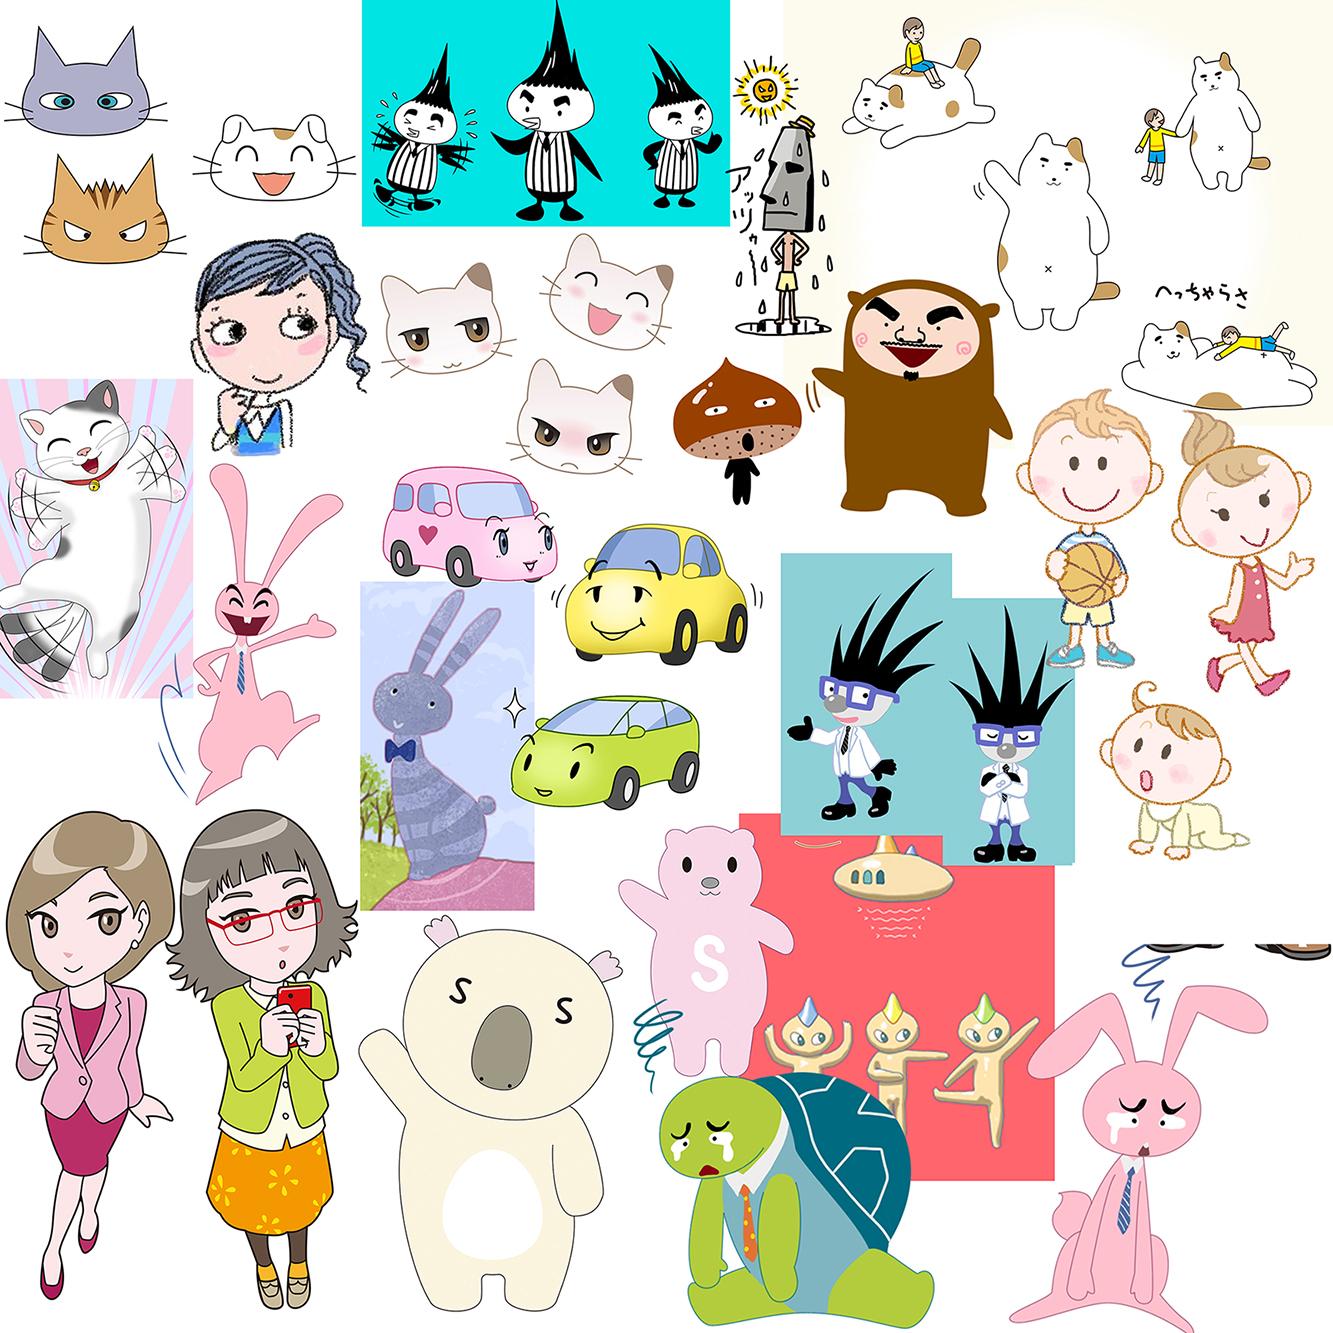 キャラクターデザイン例1